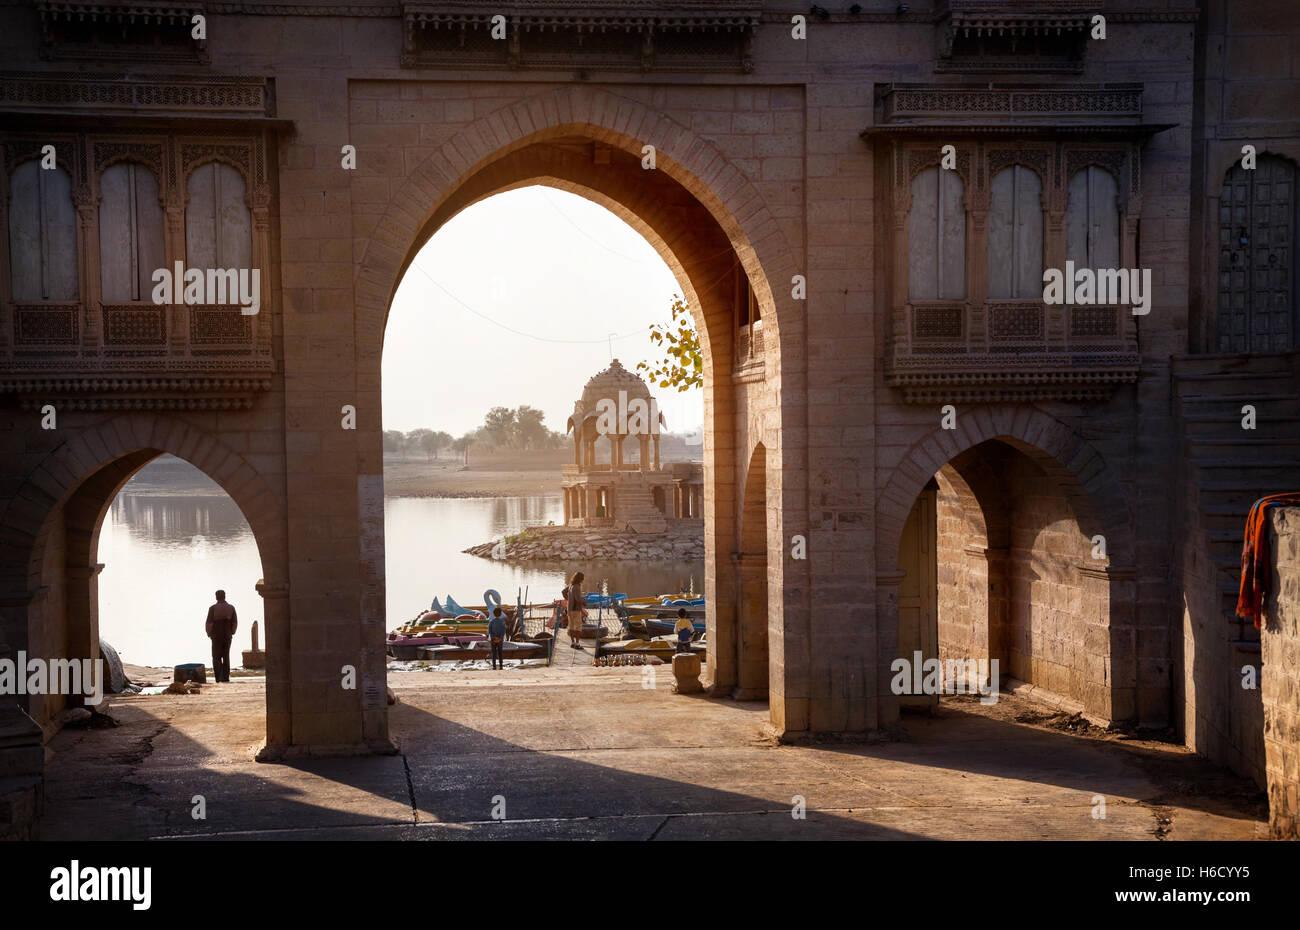 Arco de templo cerca del lago Gadi Sagar al amanecer en Jaisalmer, Rajasthan, India Imagen De Stock